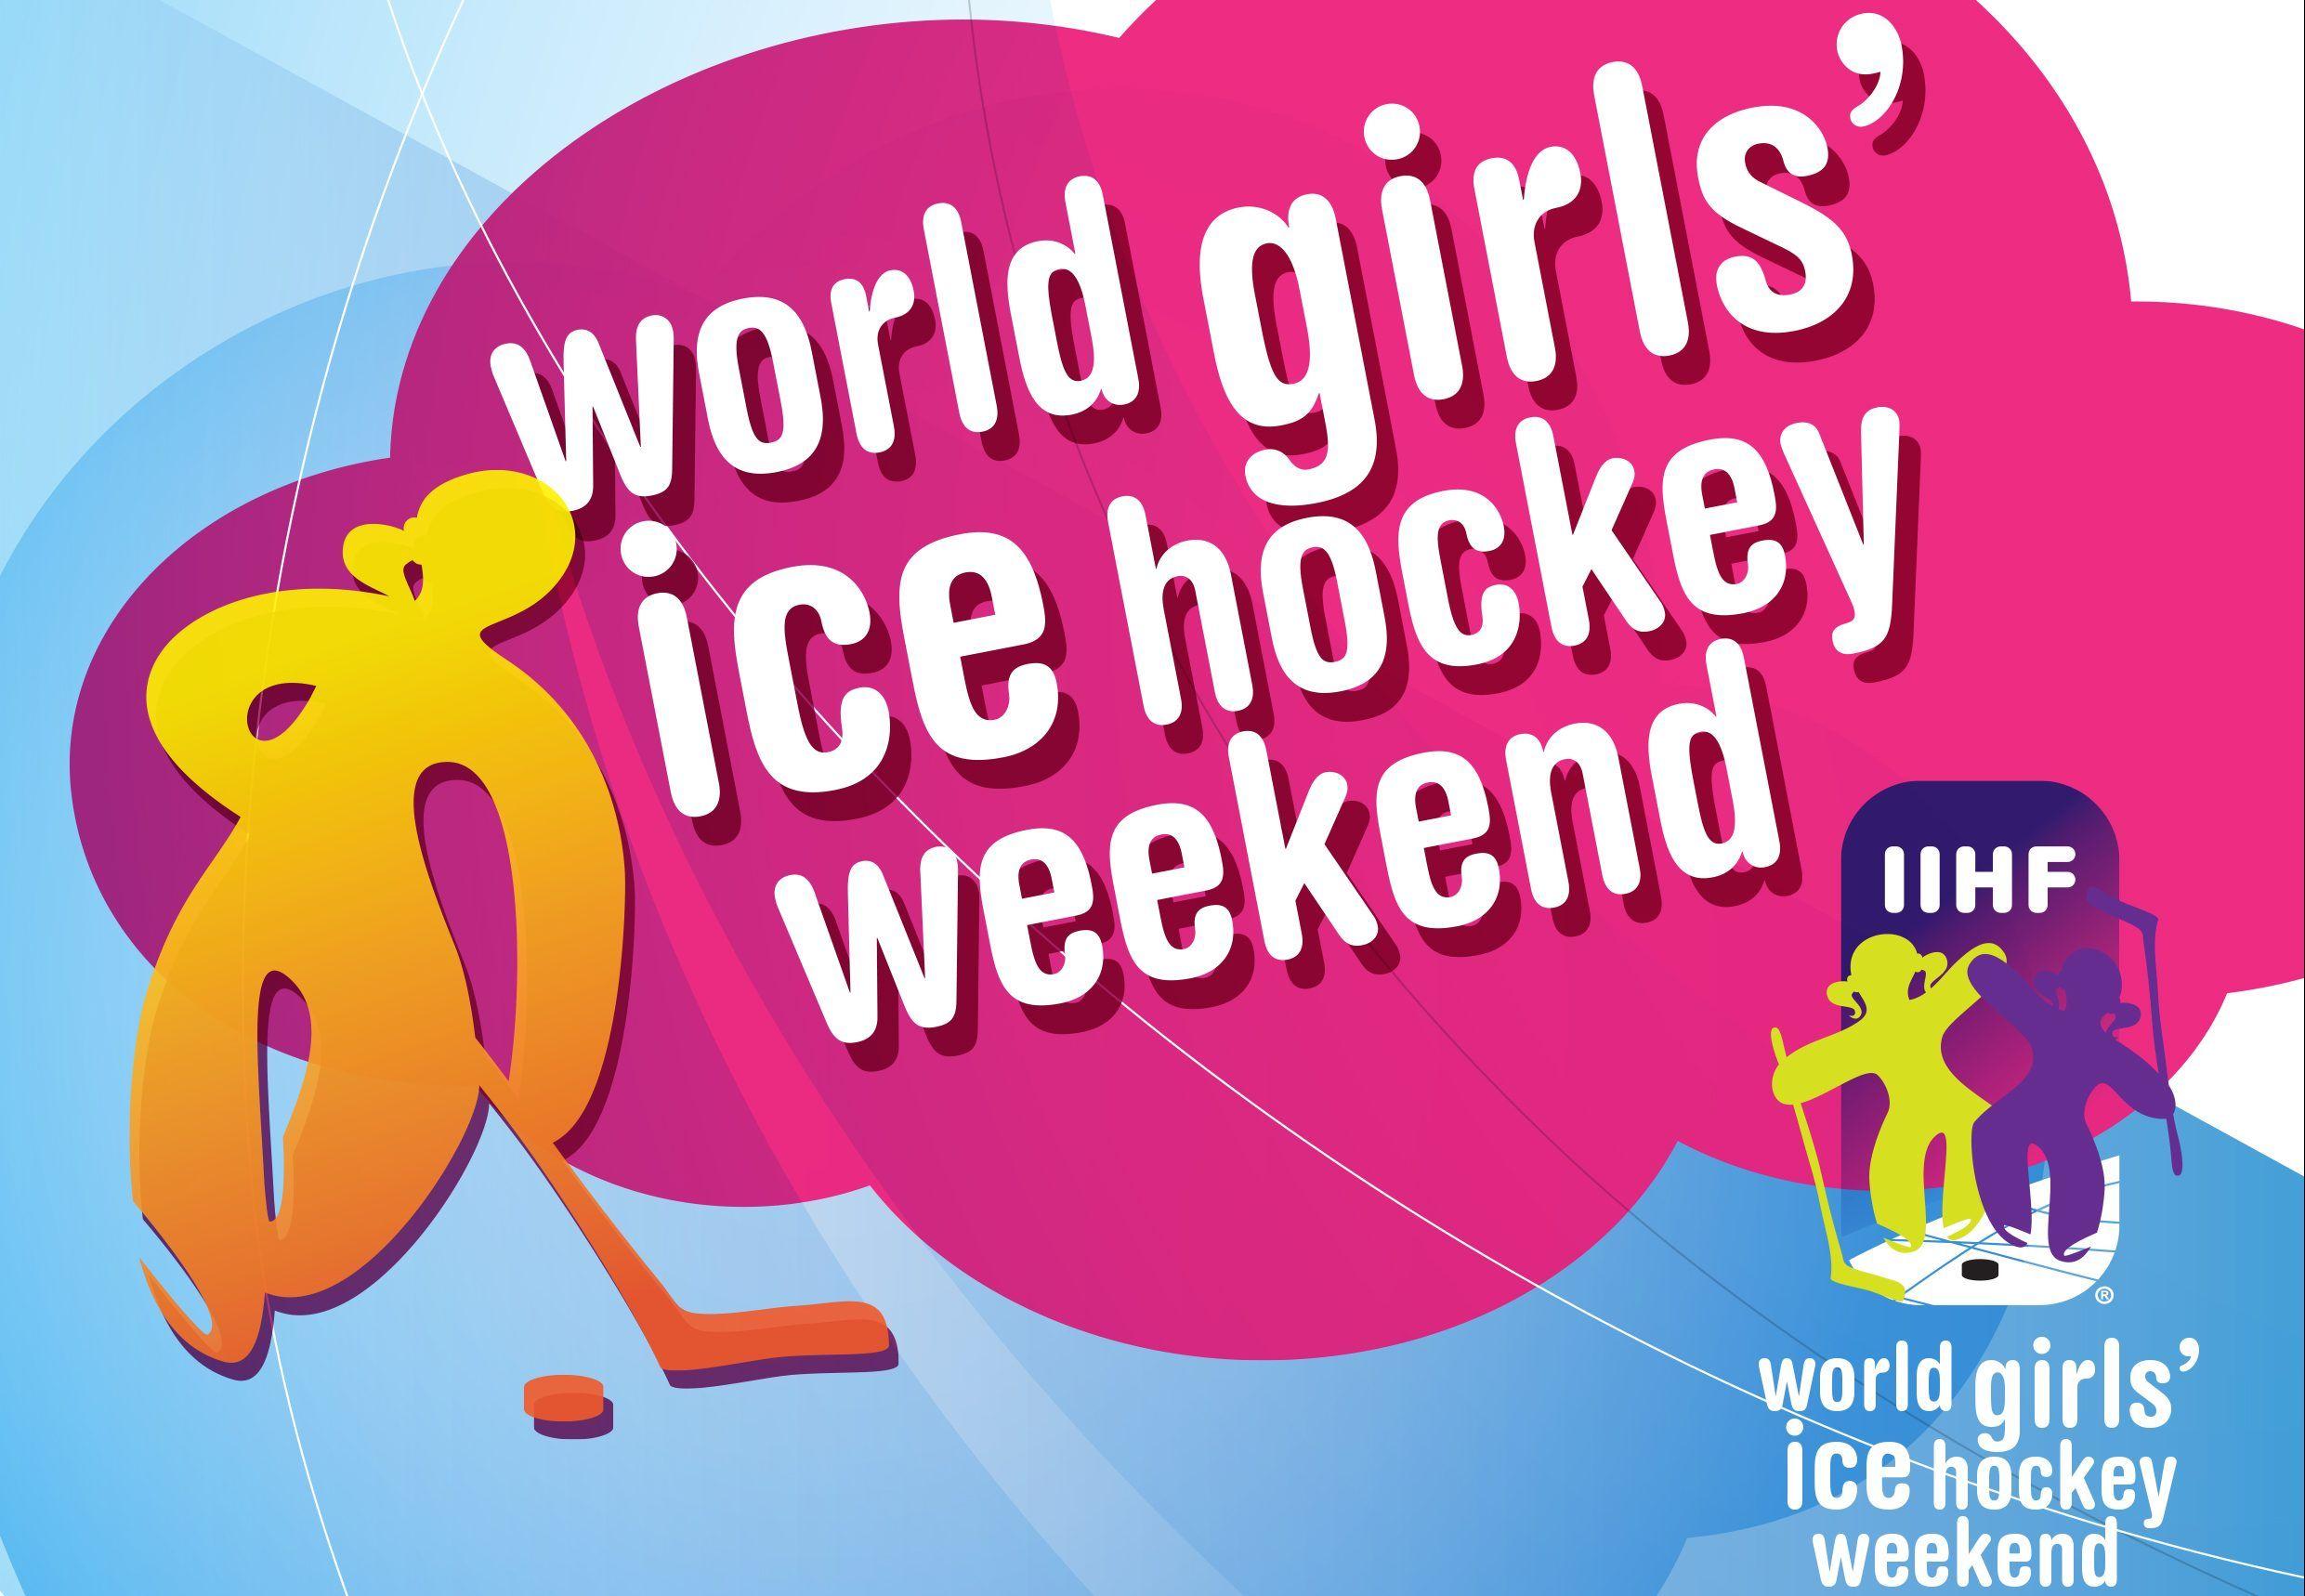 Starptautiskā meiteņu hokeja nedēļas nogale